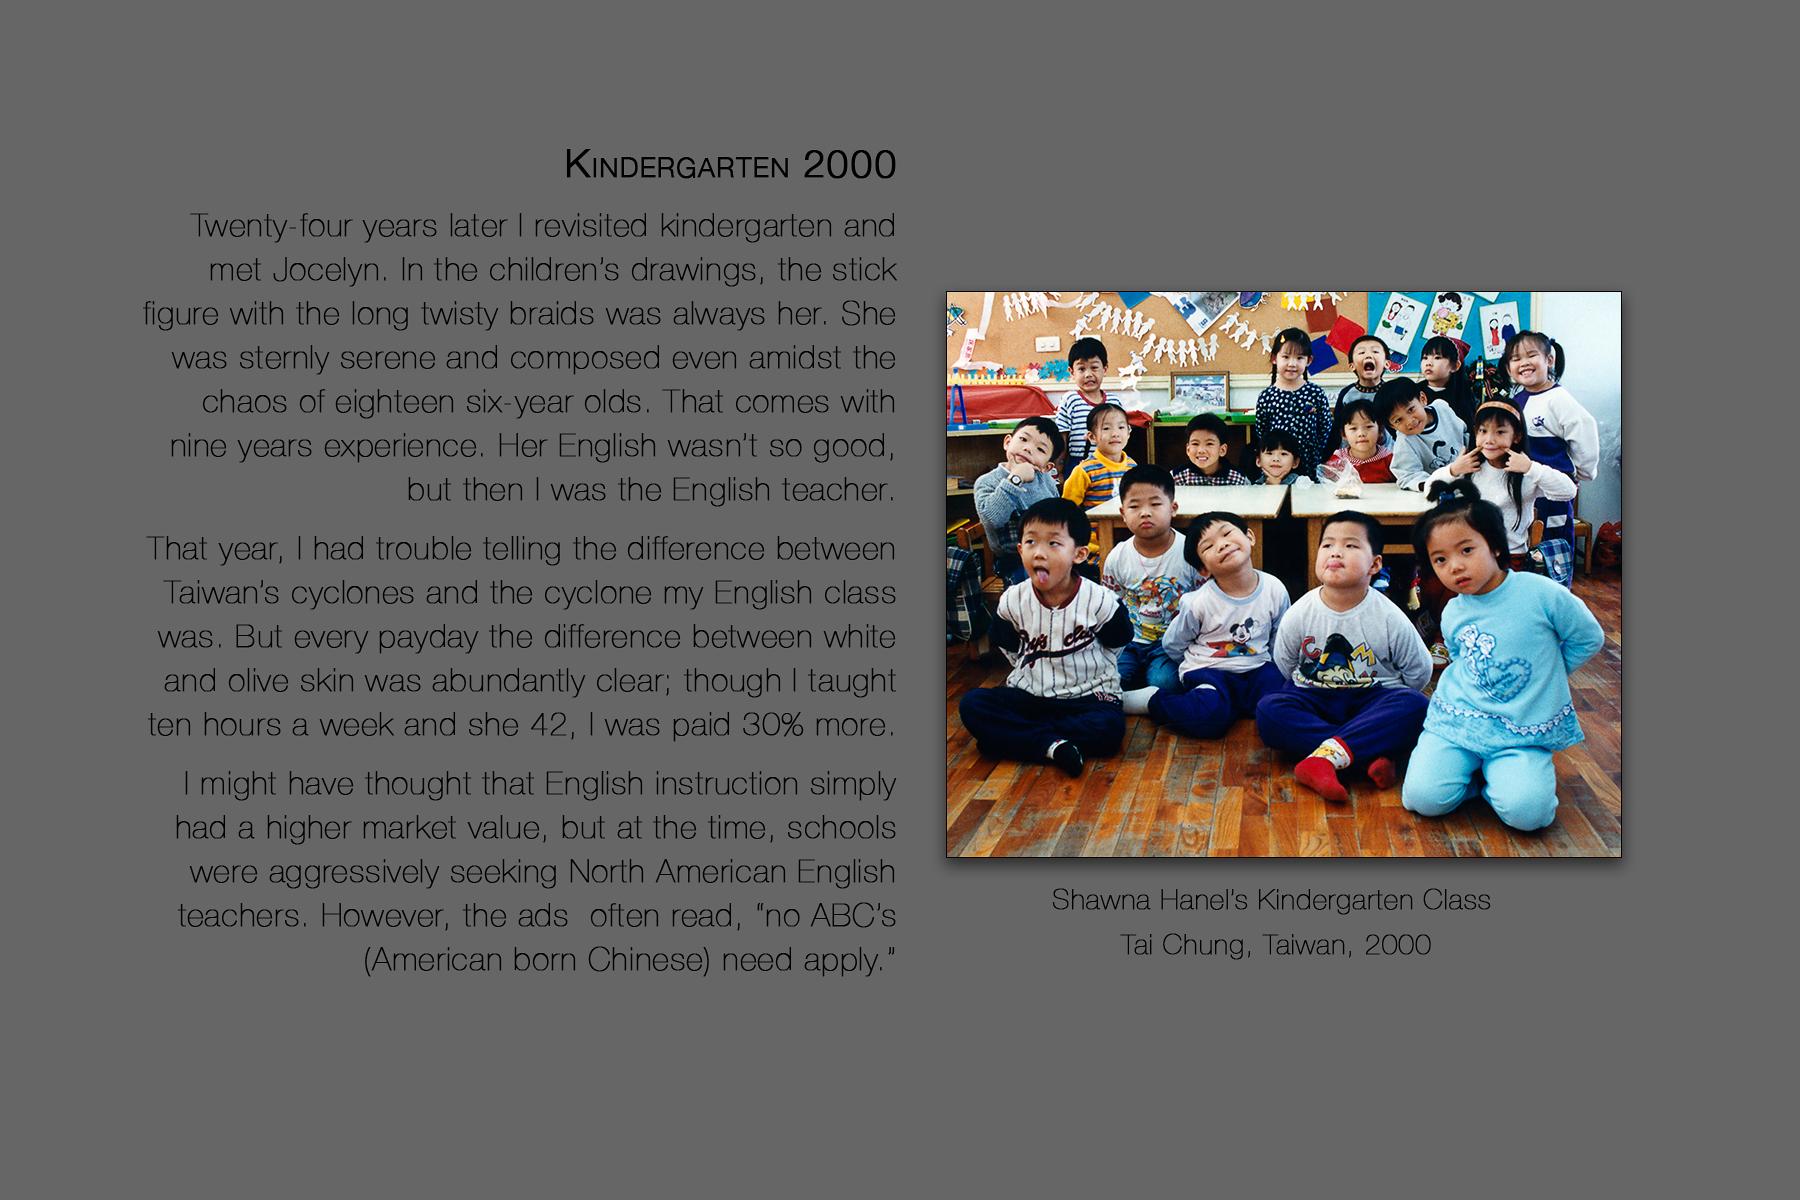 Shawna Hanel's Kindergarten Class, Tai Chung, Taiwan, 2000